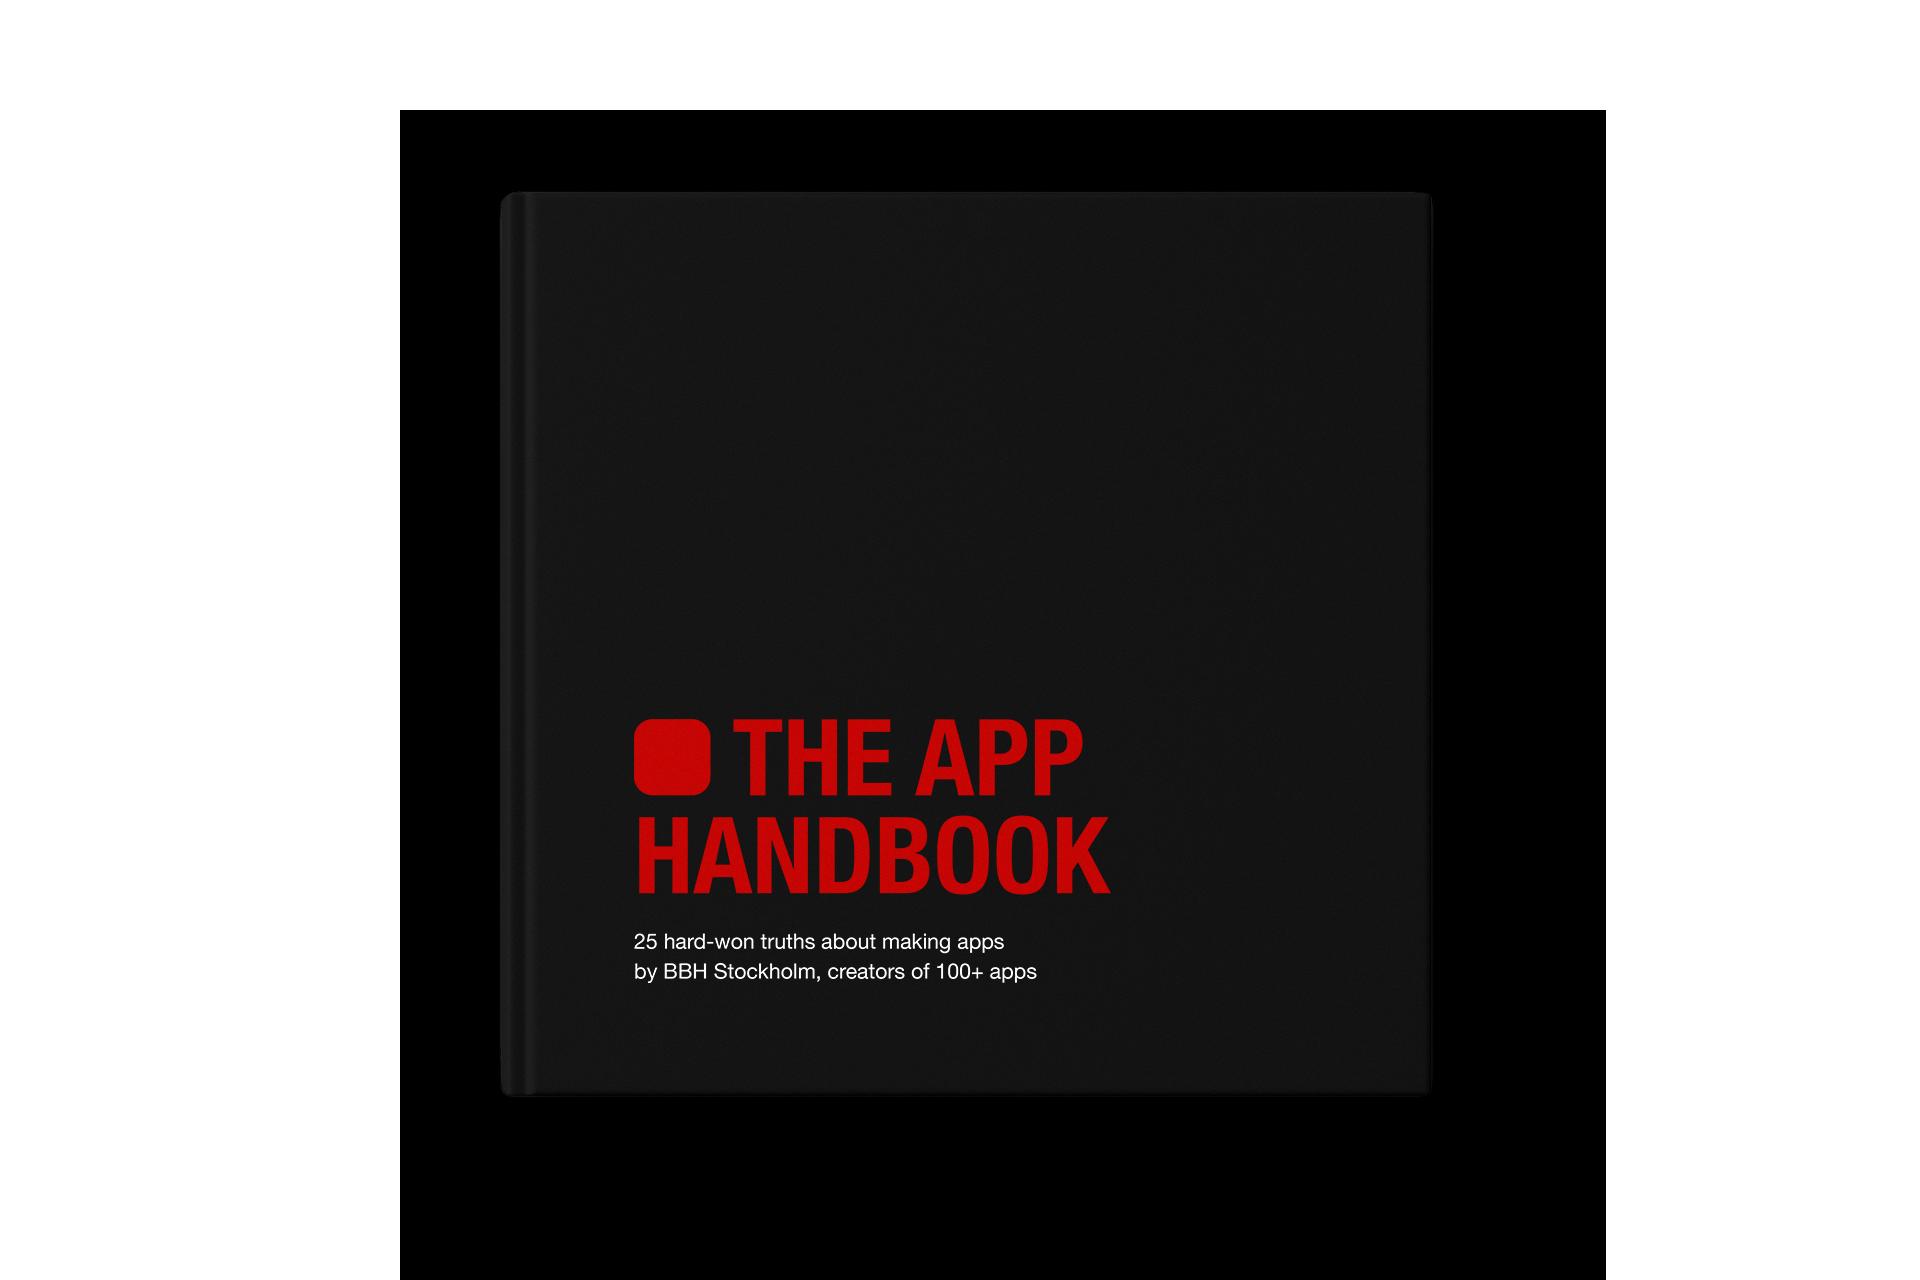 apphandbook